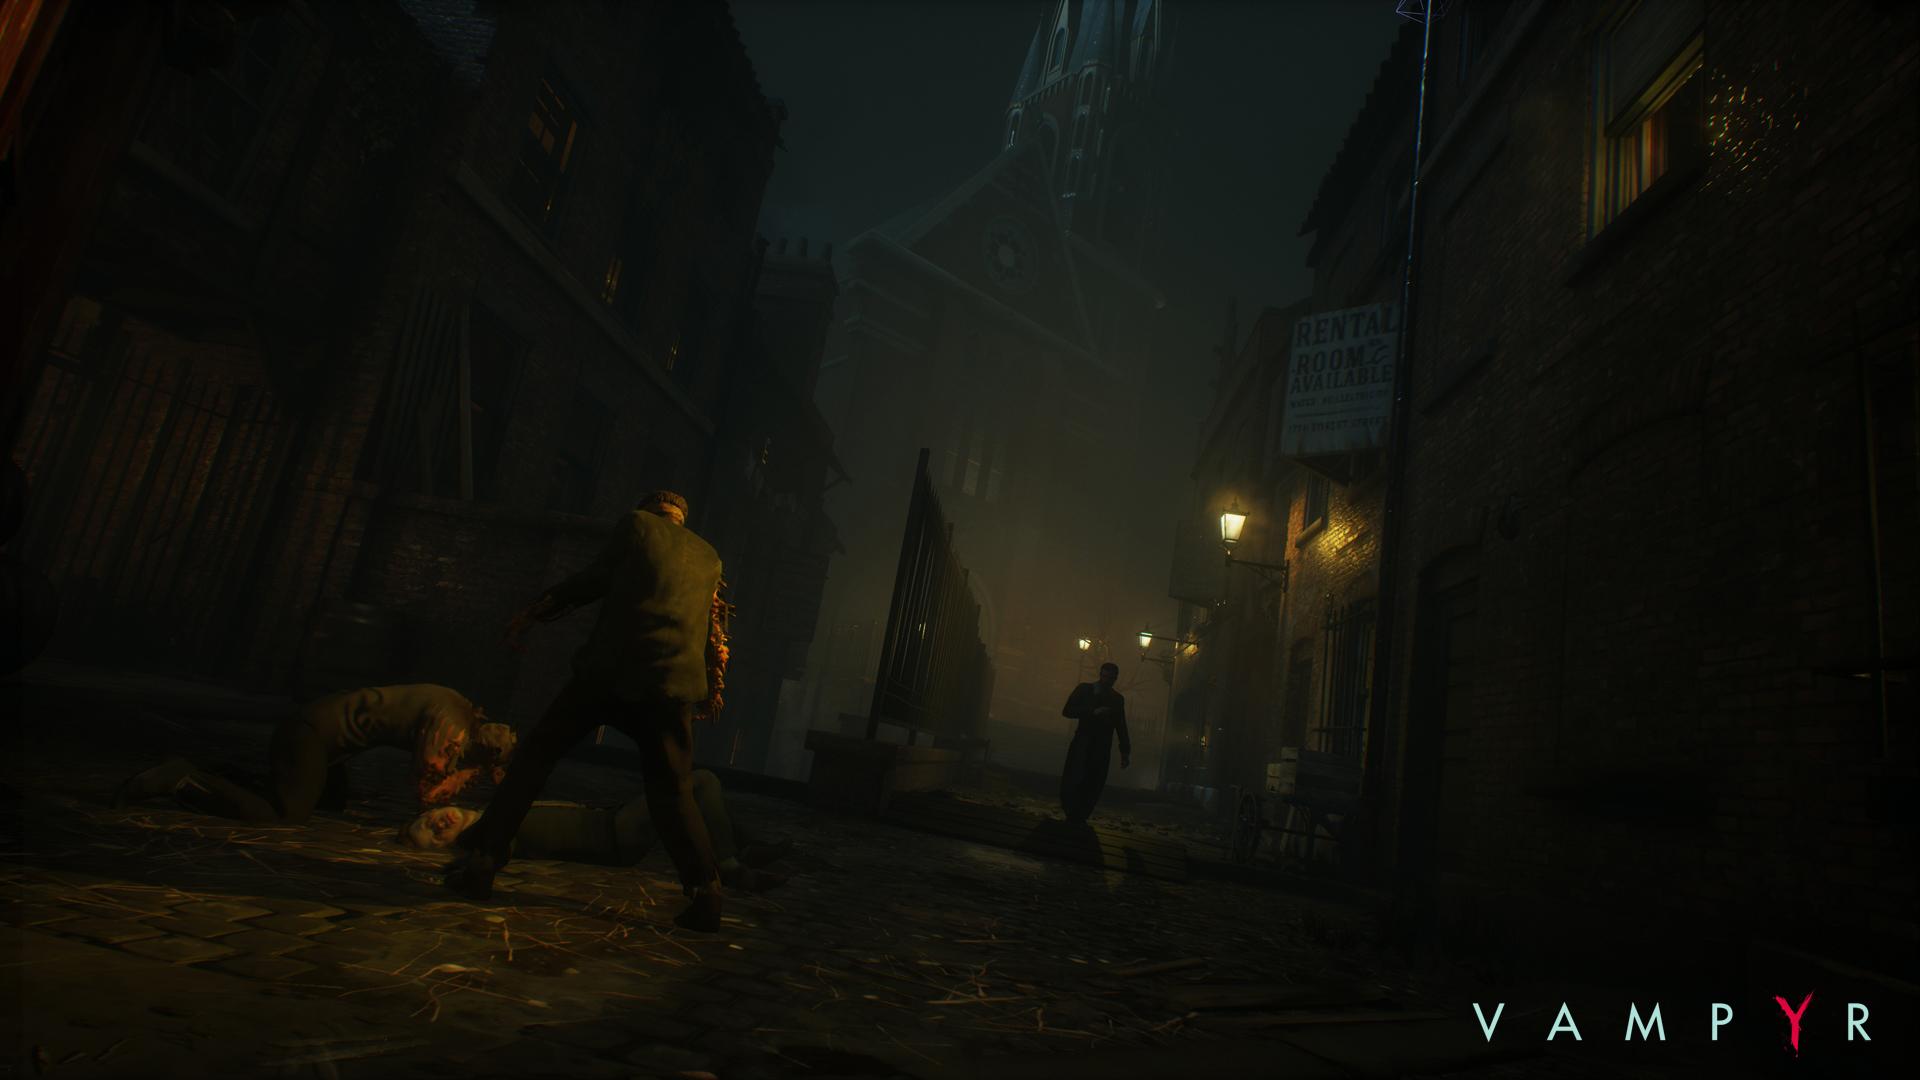 Во втором эпизоде мини-сериала Vampyr разработчики рассказали о создании локаций и музыки